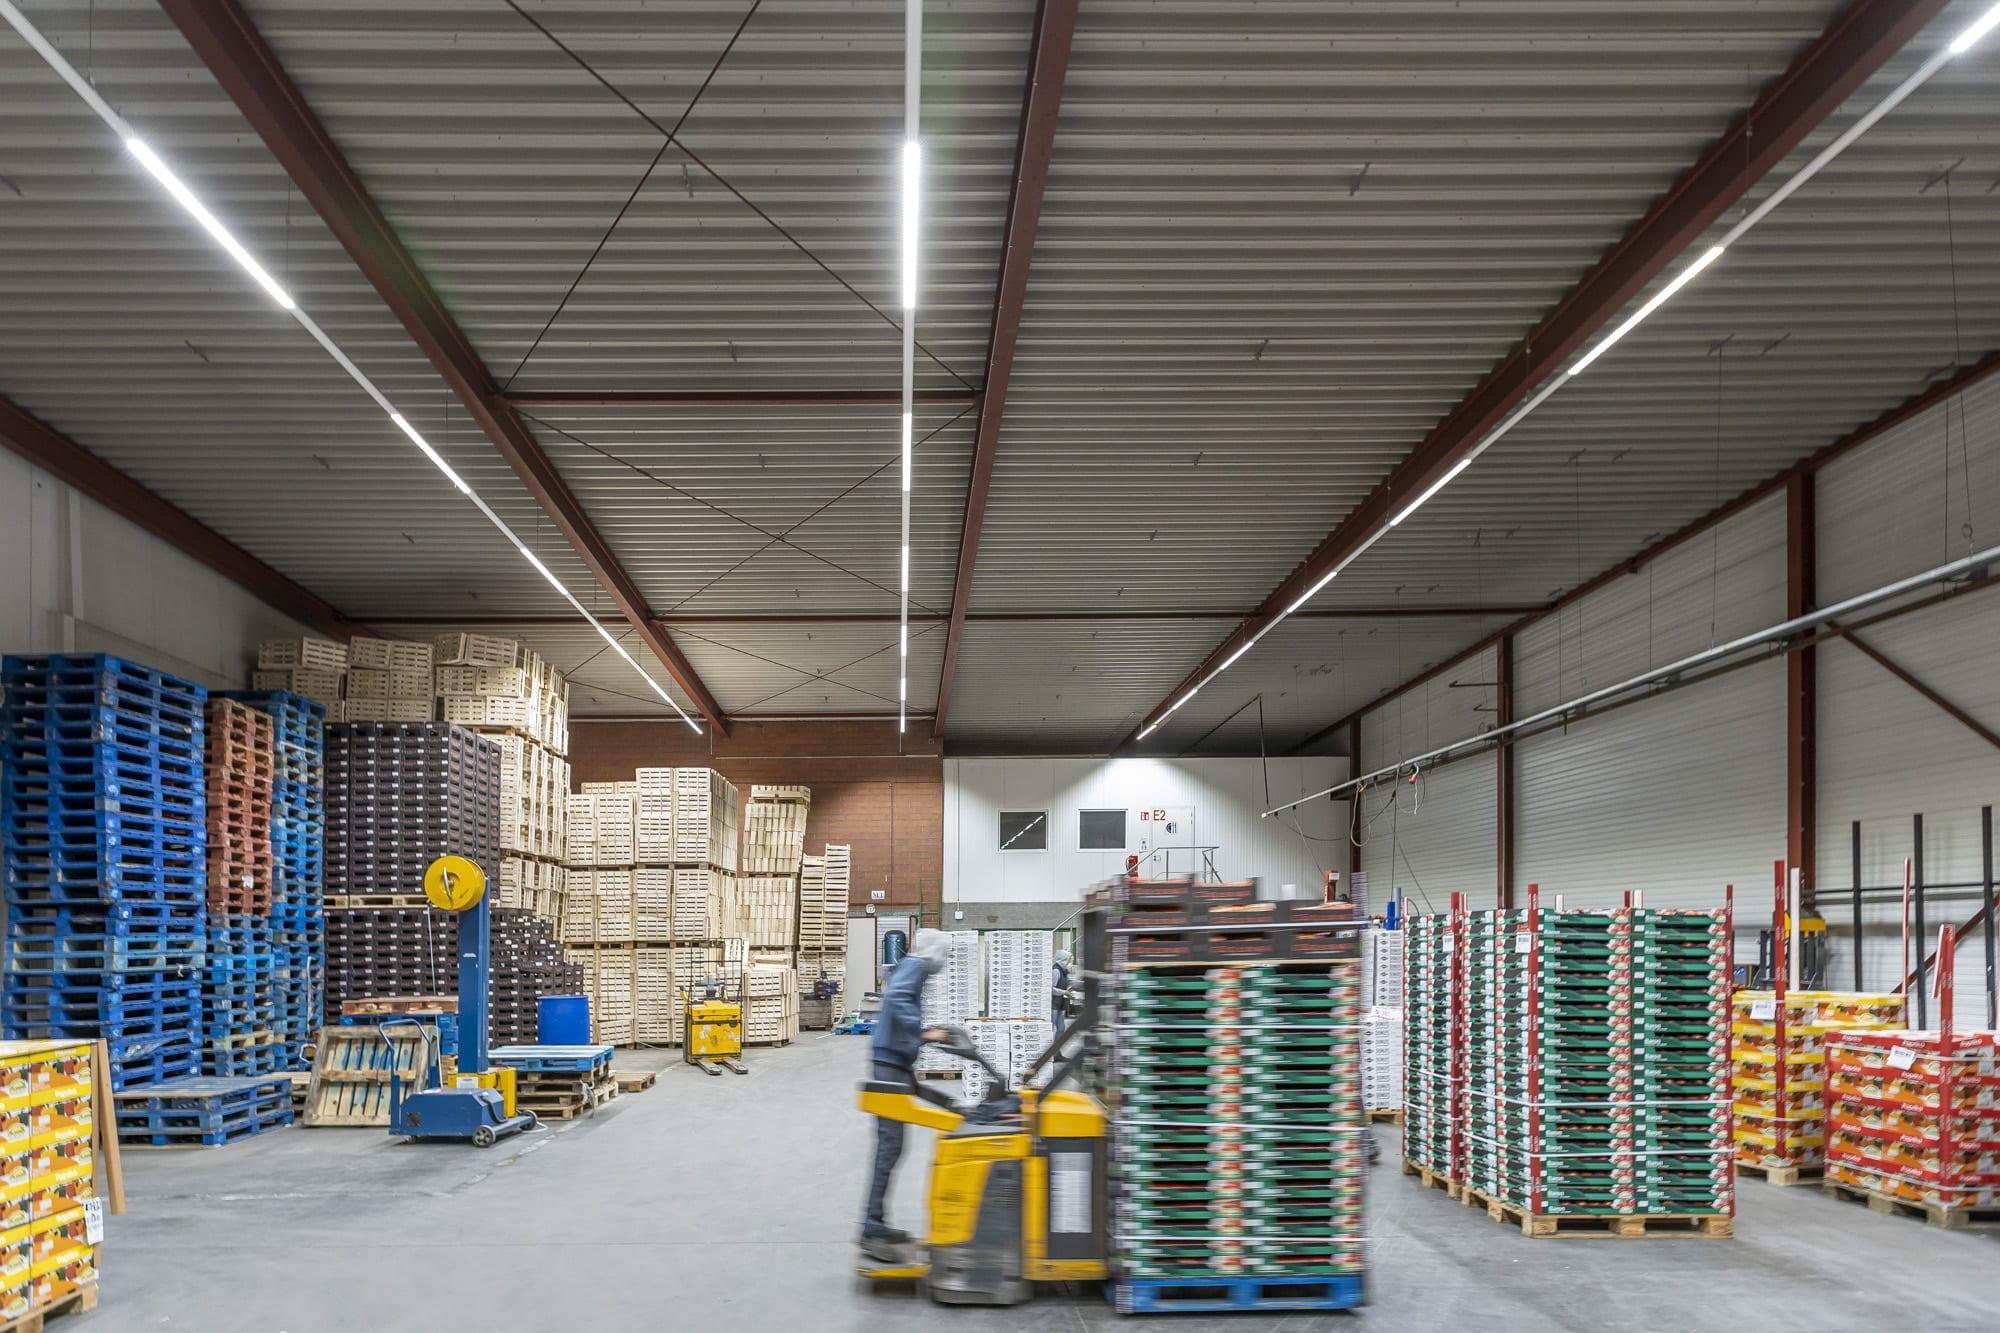 installatie LED verlichting bij Herve Transport